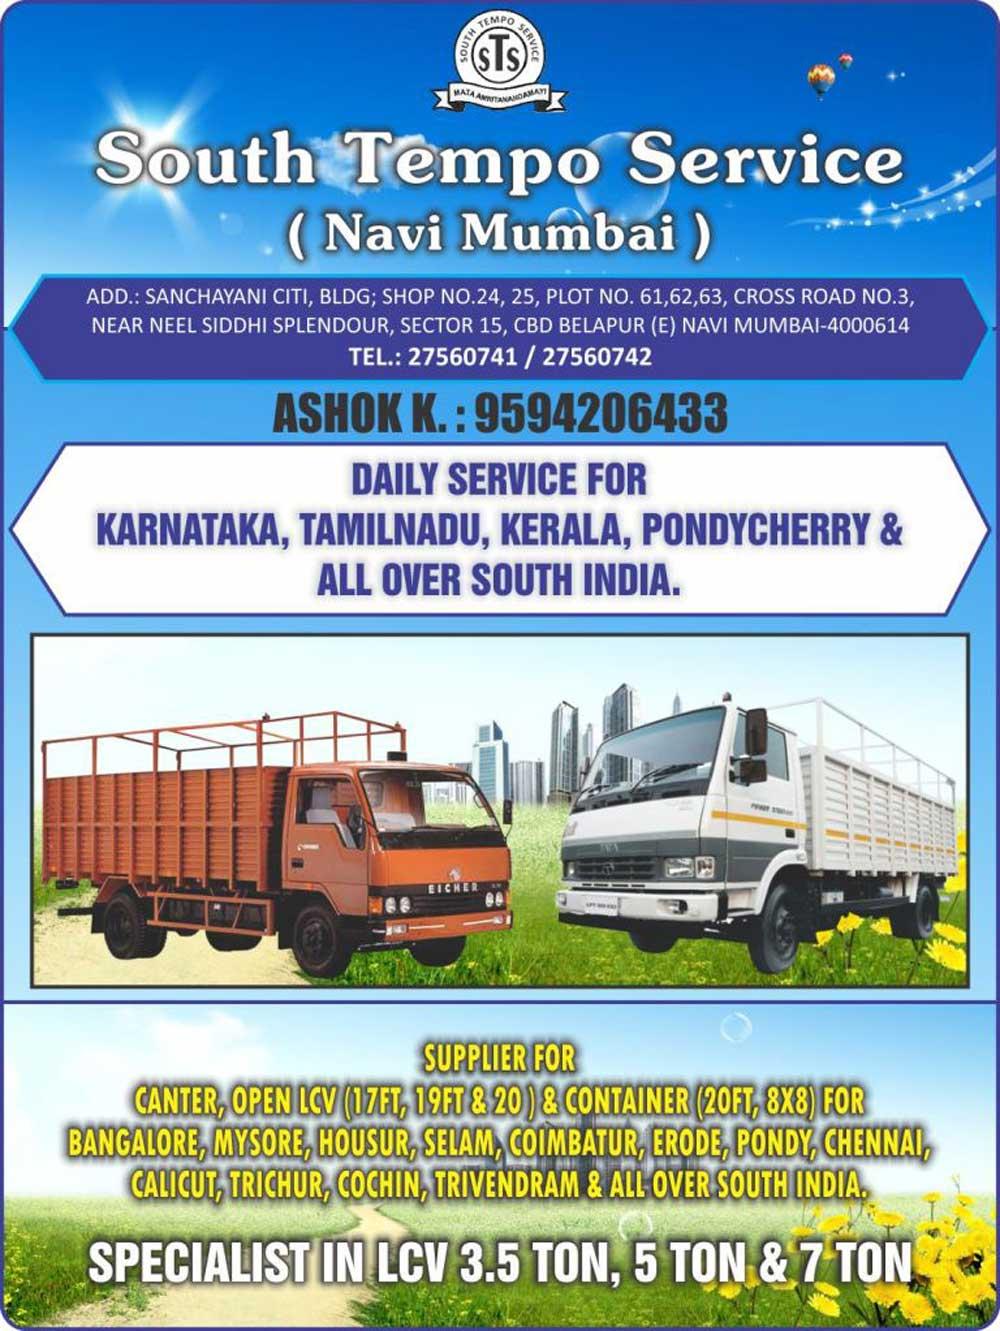 South Tempo Service